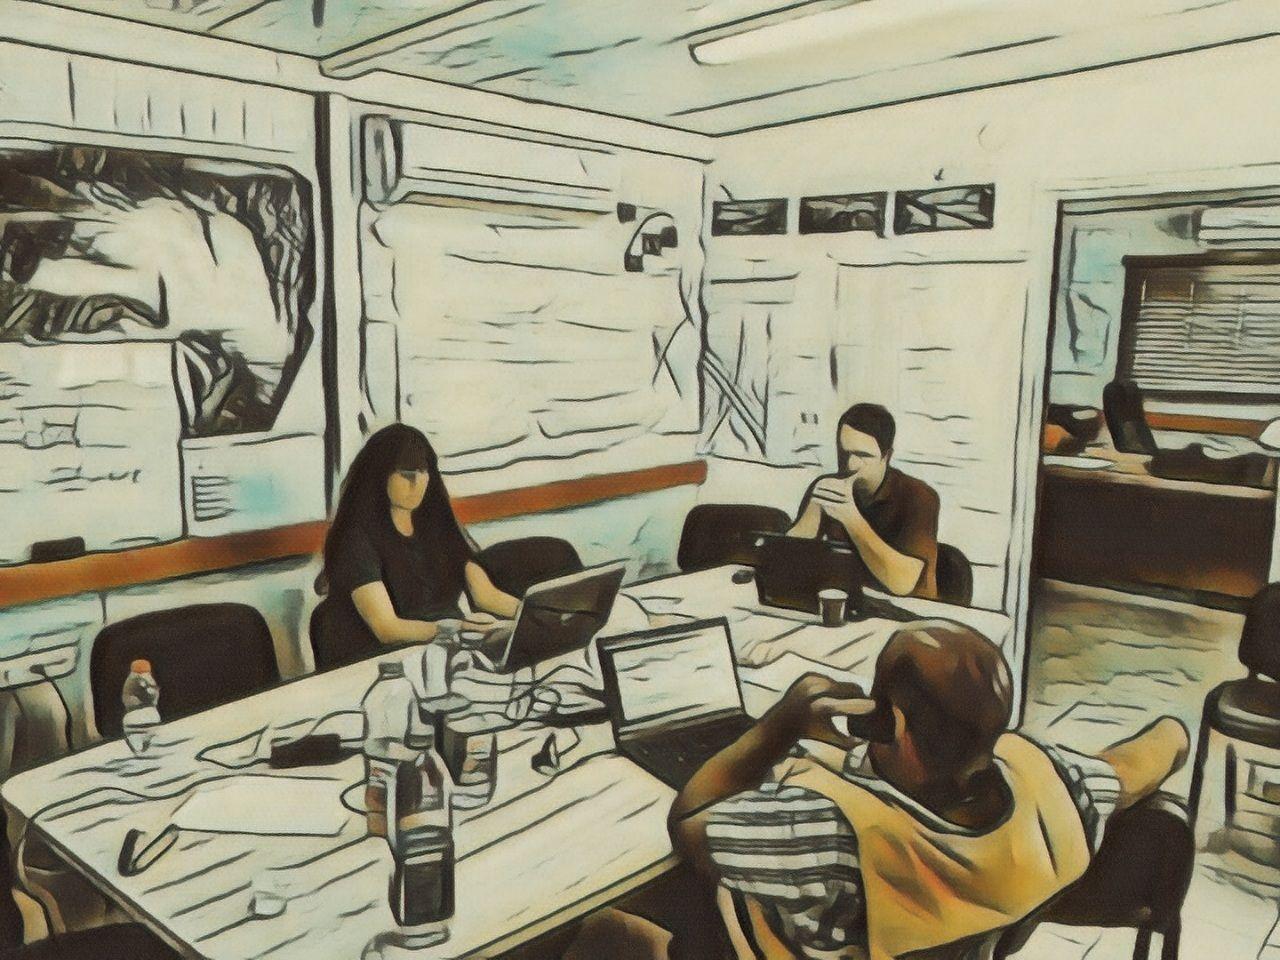 שיטה אחרת לניהול לוחות הזמנים בפרויקטים: ביחד ולא לחוד